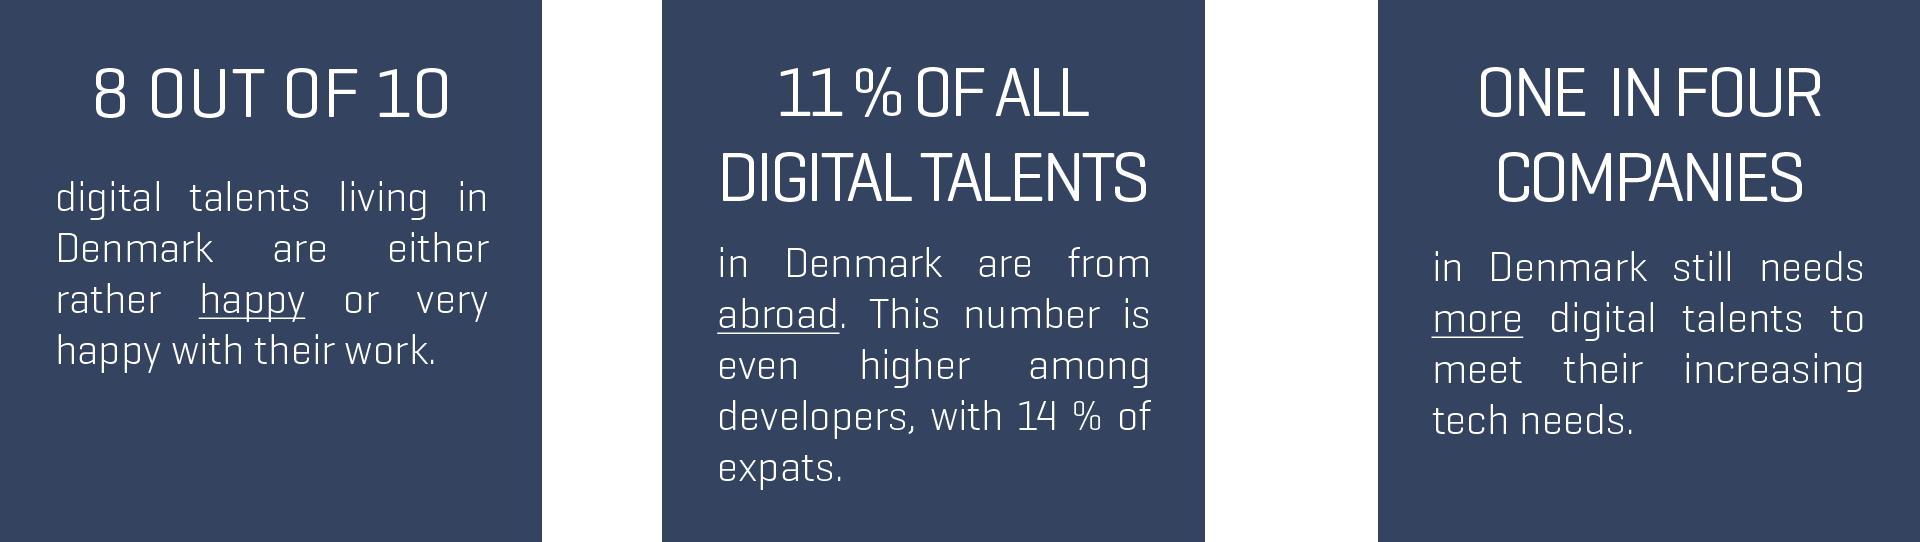 Digital talents in Denmark